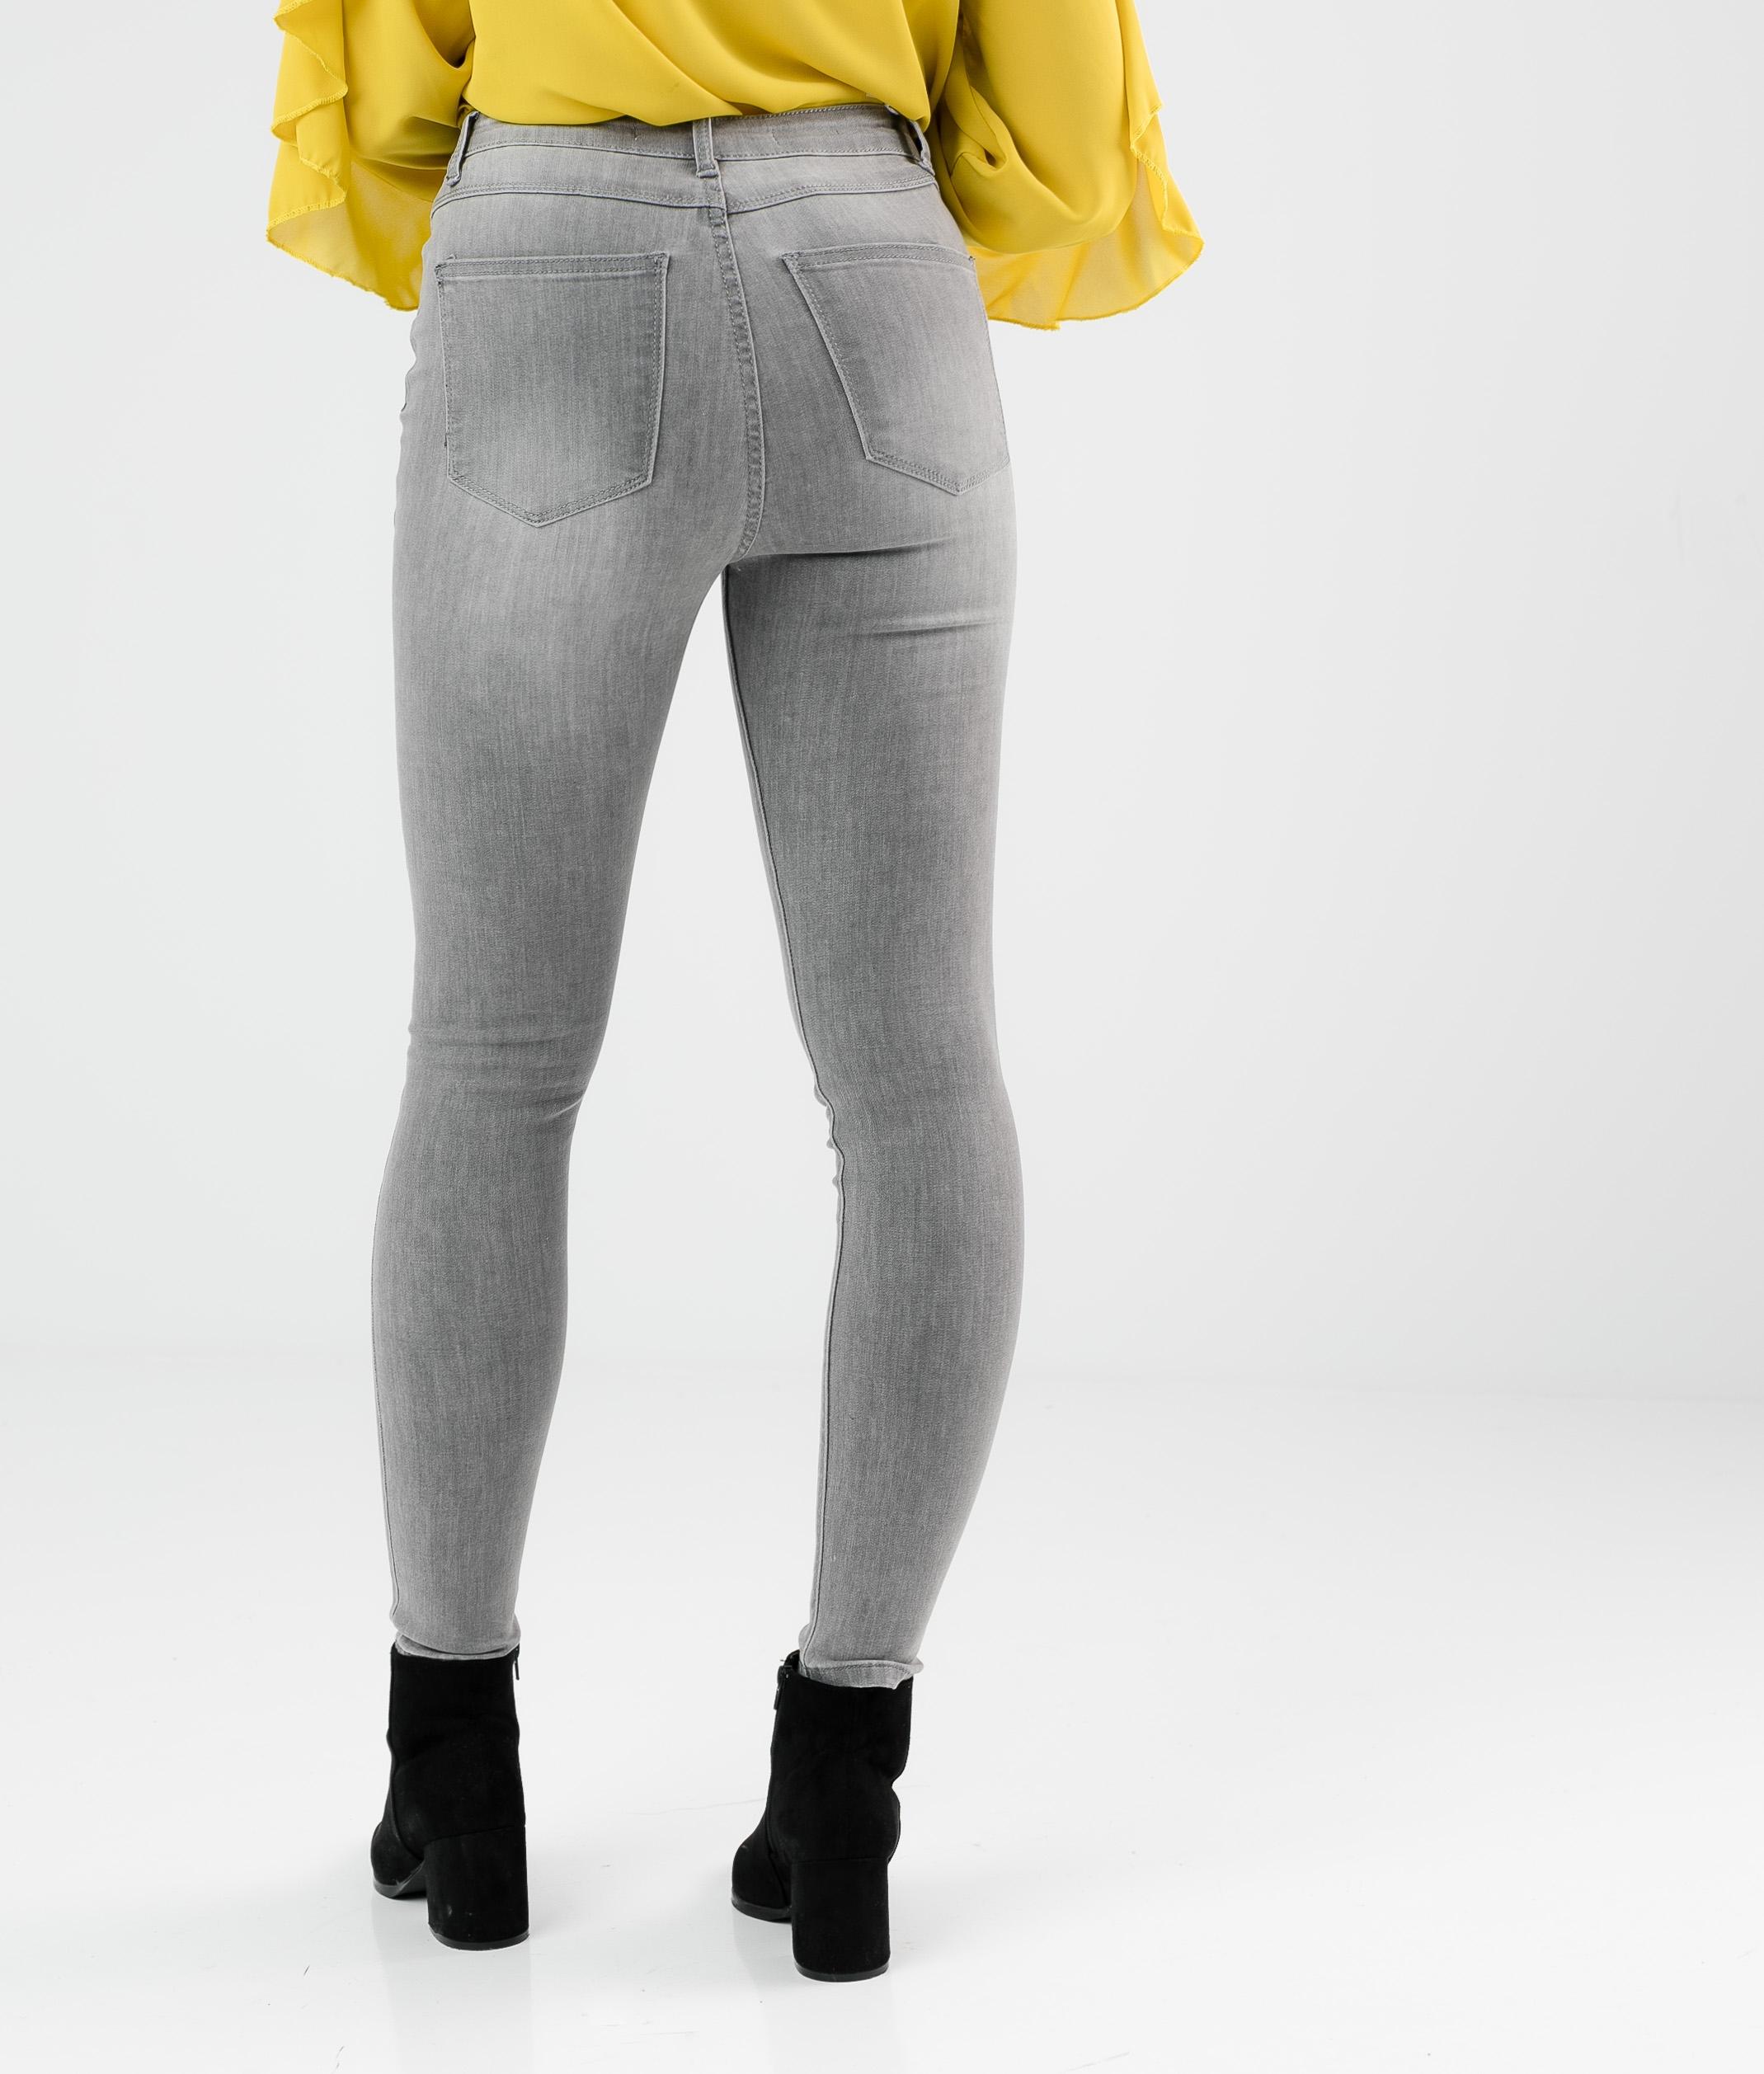 Pantalón Sefor - GRIS